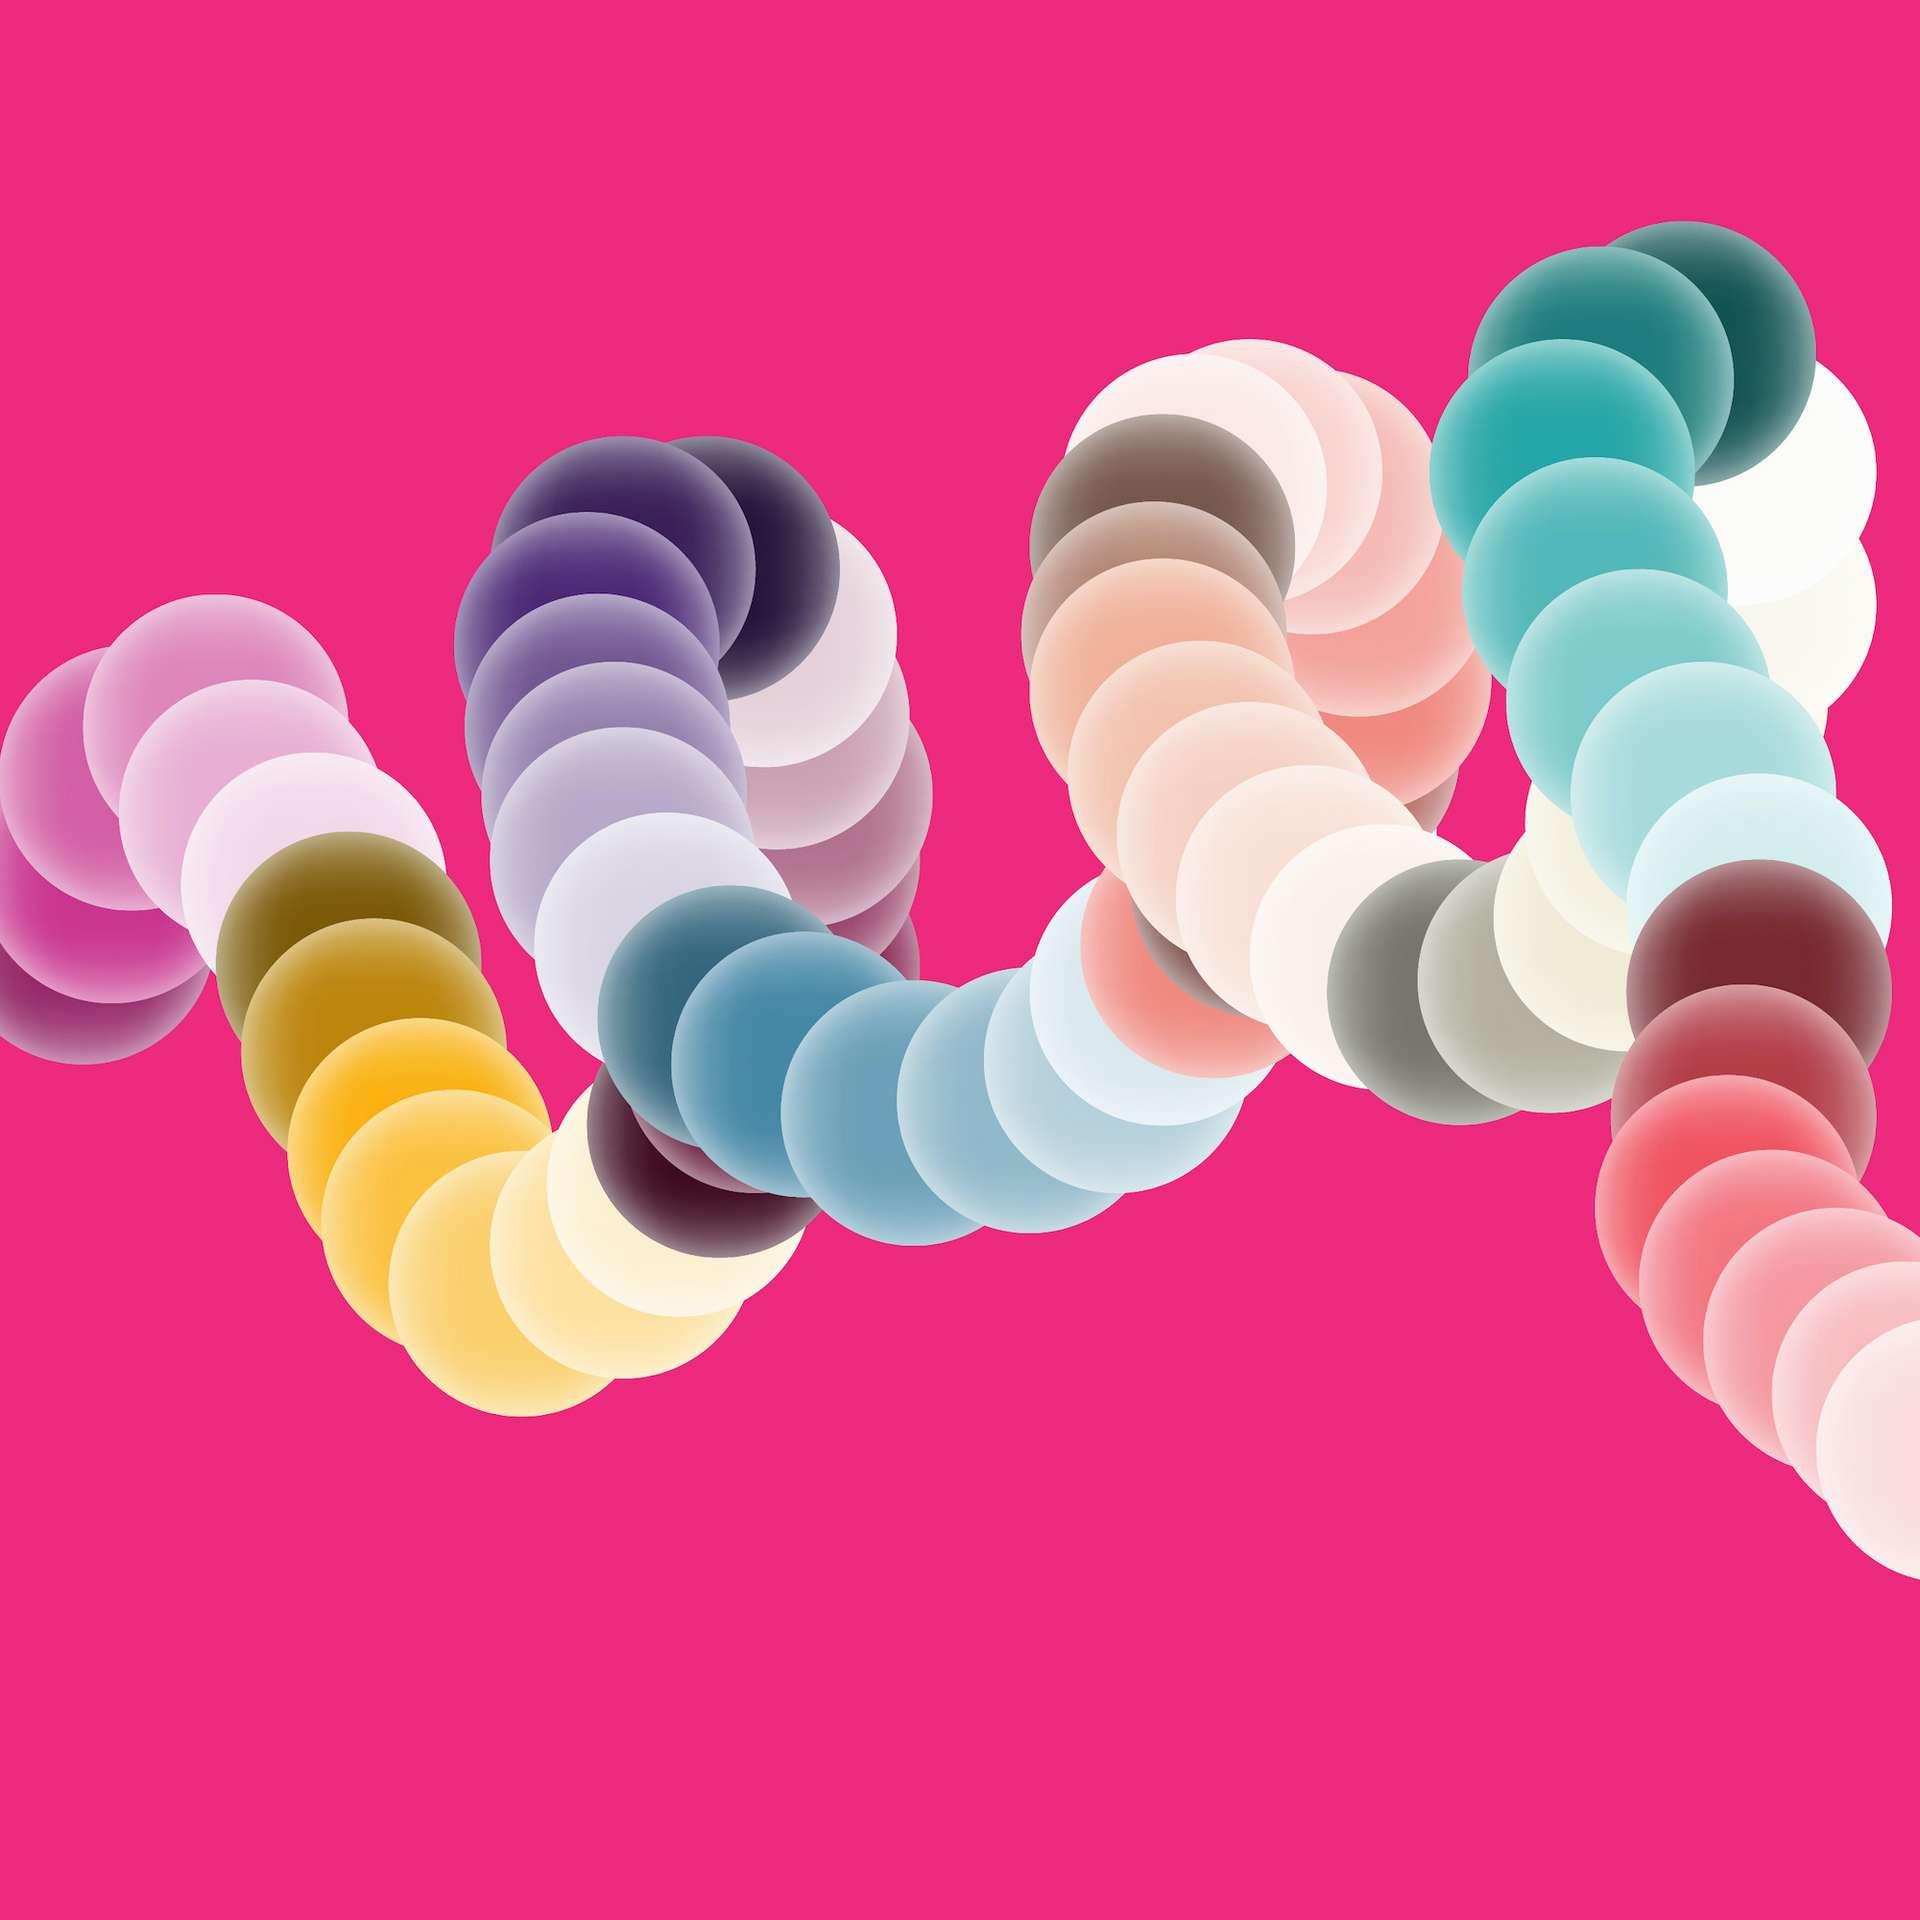 Dans le circuit logique, chaque racine carrée est encodée avec un couleur différente sur l'ADN. © Elena De Sica, Adobe Stock